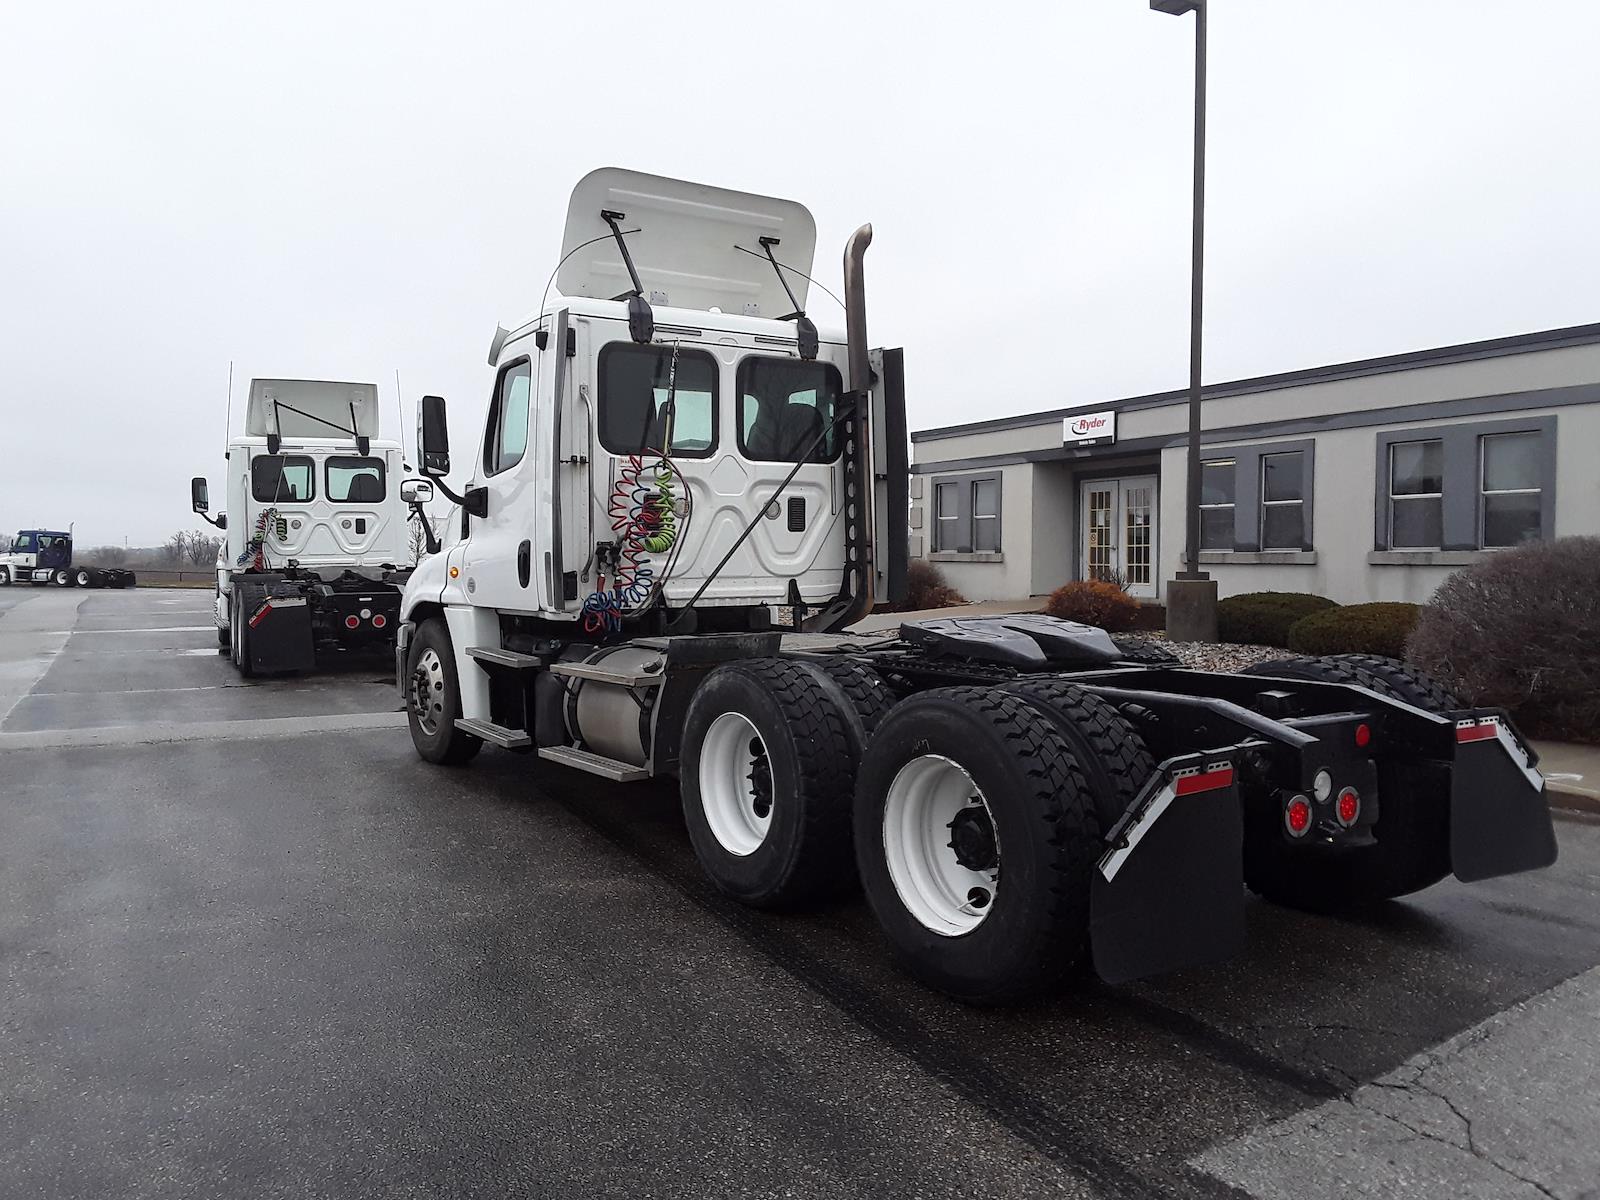 2013 Freightliner Truck 6x4, Tractor #492959 - photo 1